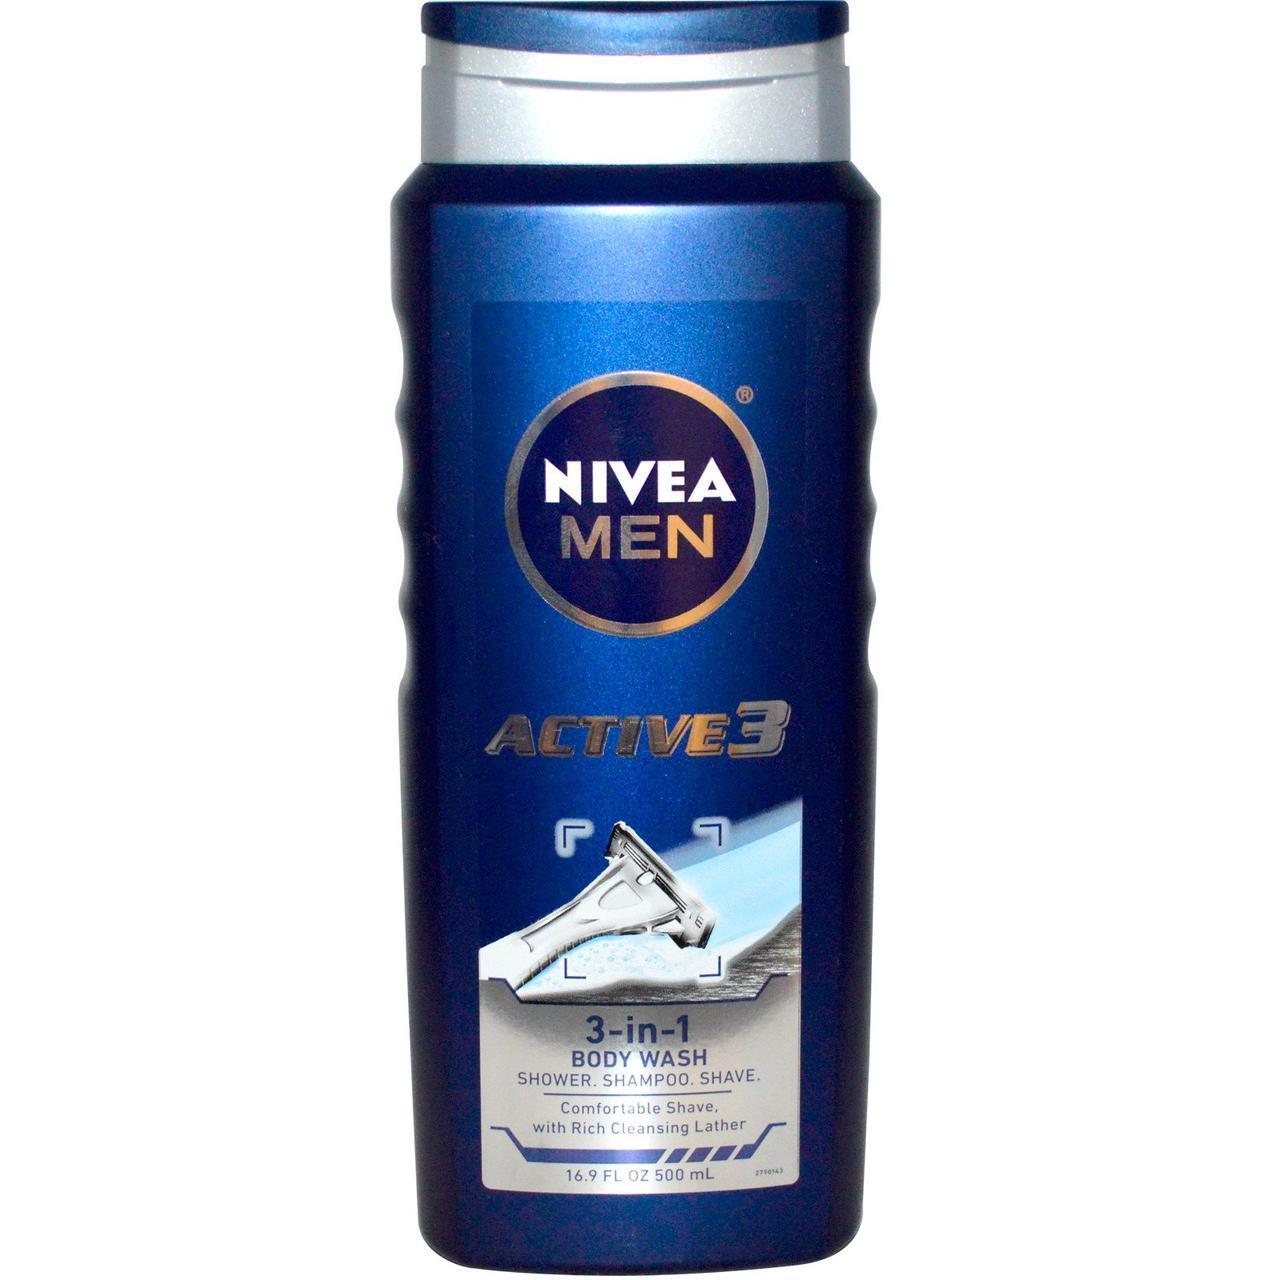 Nivea, Актив 3, Чоловічий гель для душу 3-в-1, 500 мл (16,9 рідких унцій)